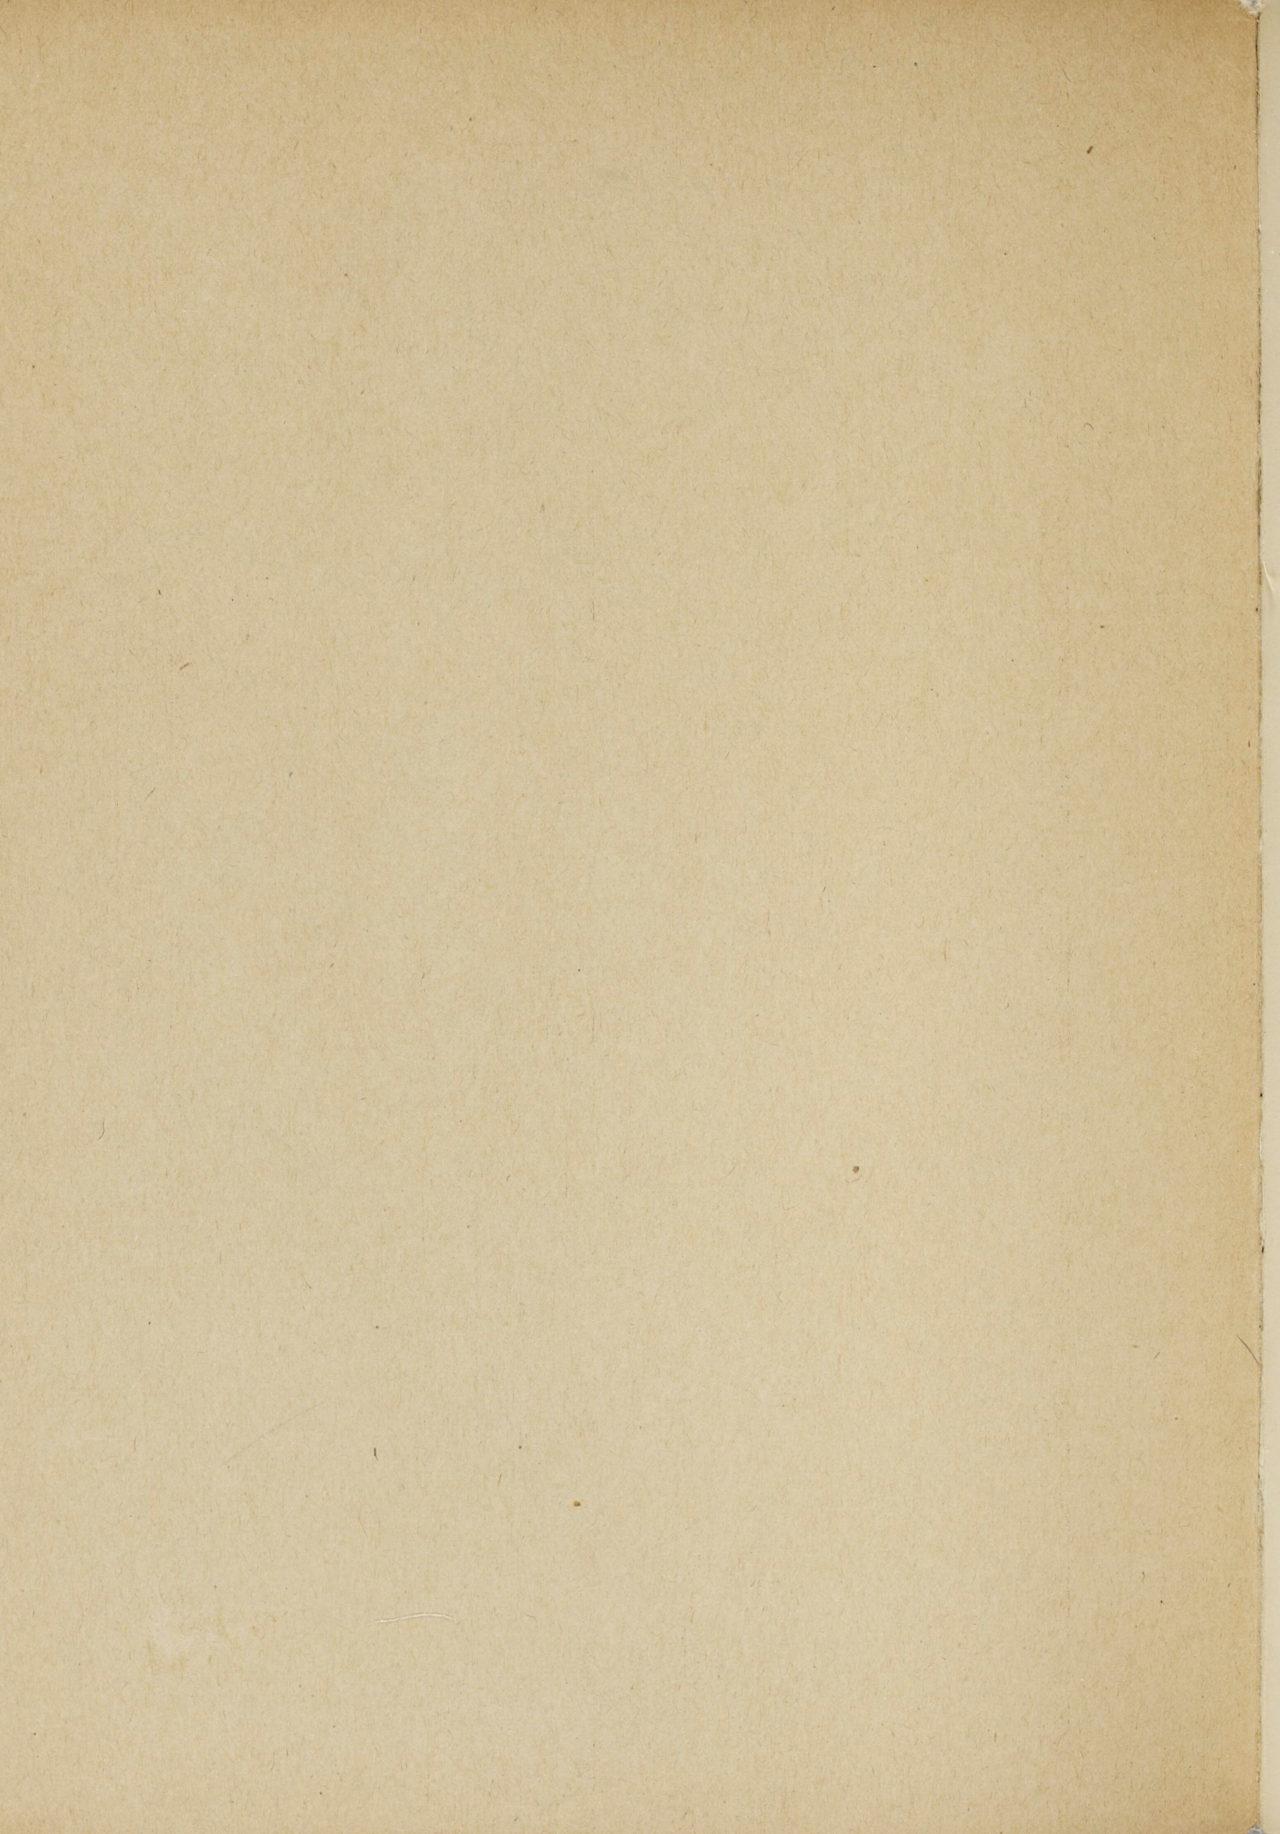 cropped-bauhaus-paper-1